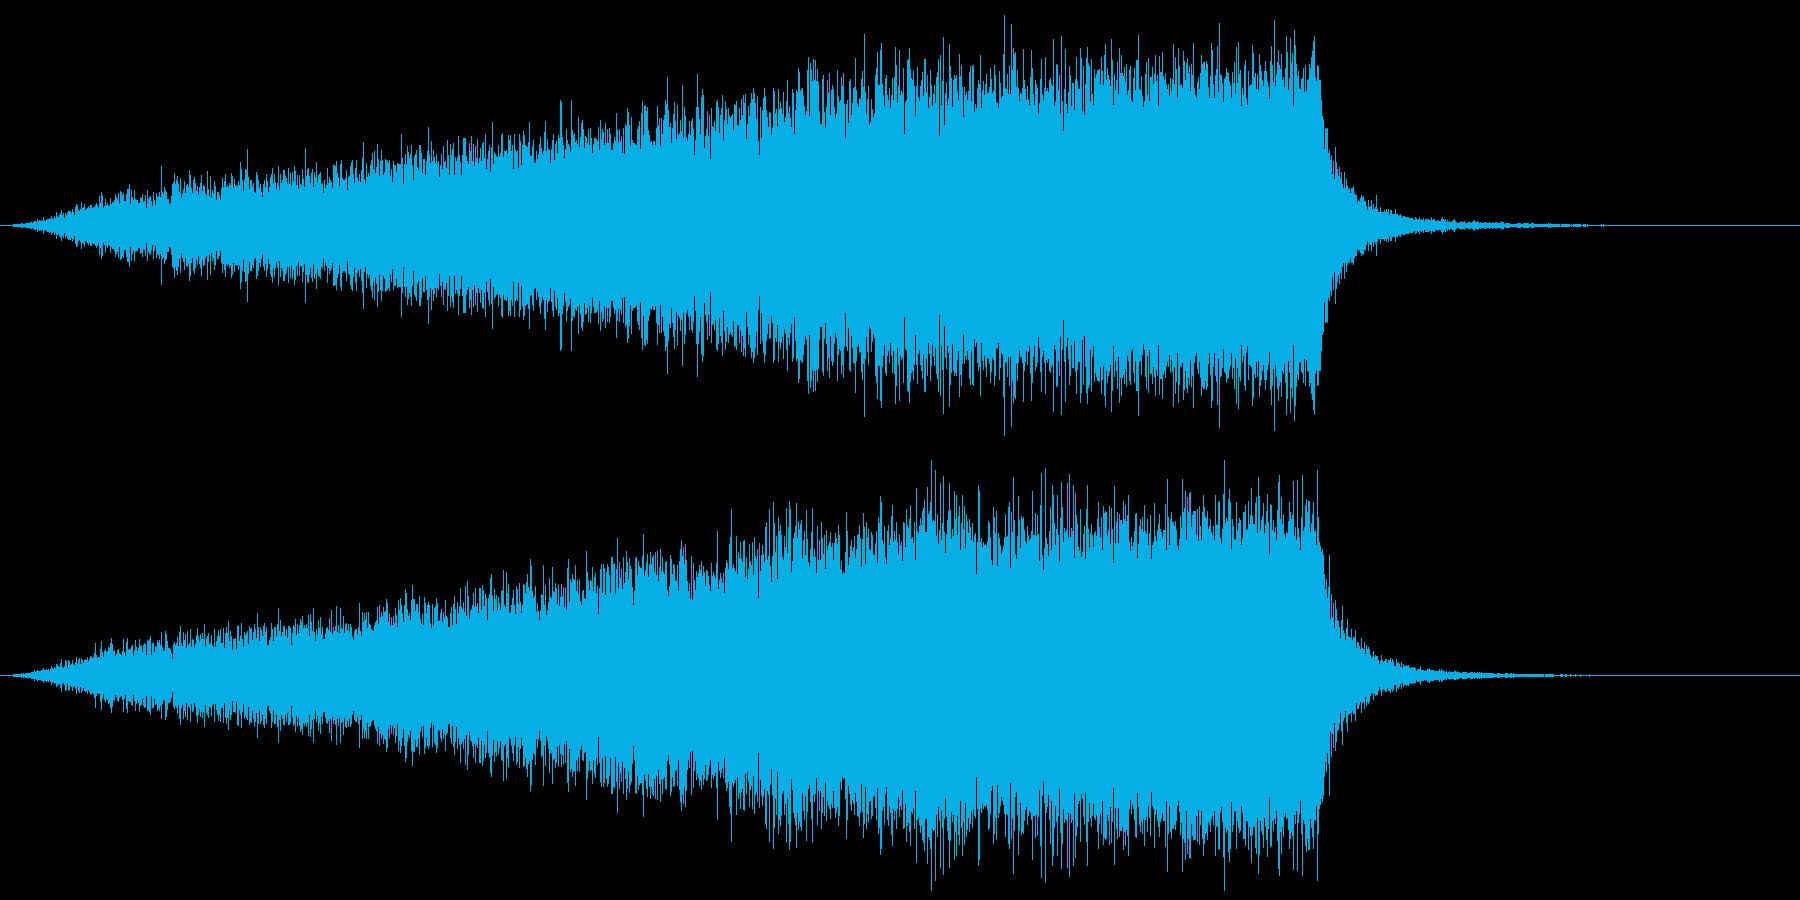 【ライザー】09 SFサウンド 宇宙の再生済みの波形